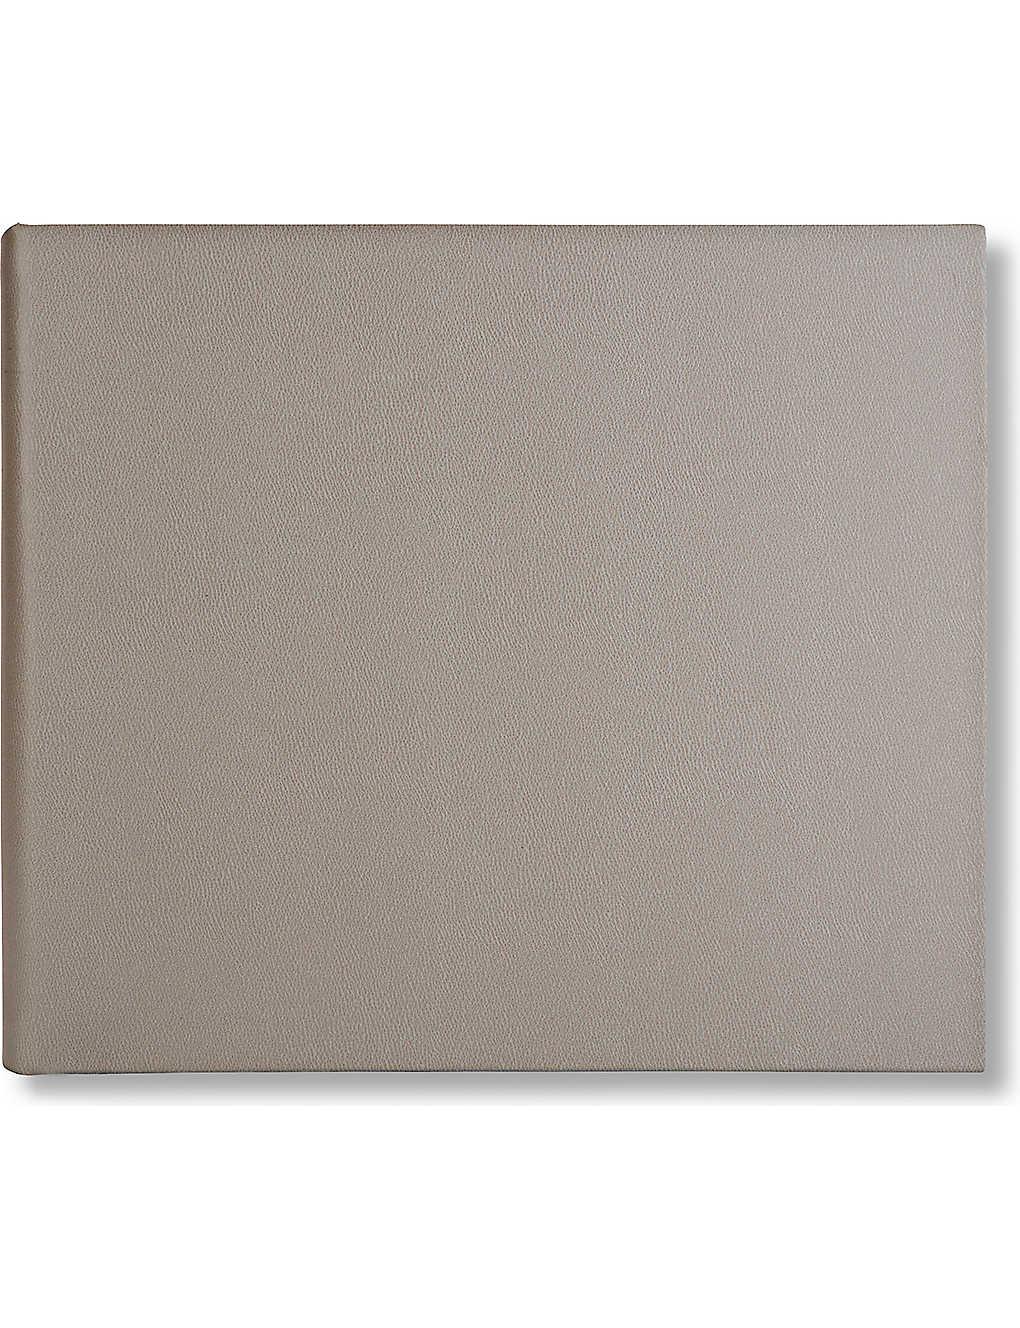 05305049f5 SMYTHSON - Large leather guest book | Selfridges.com